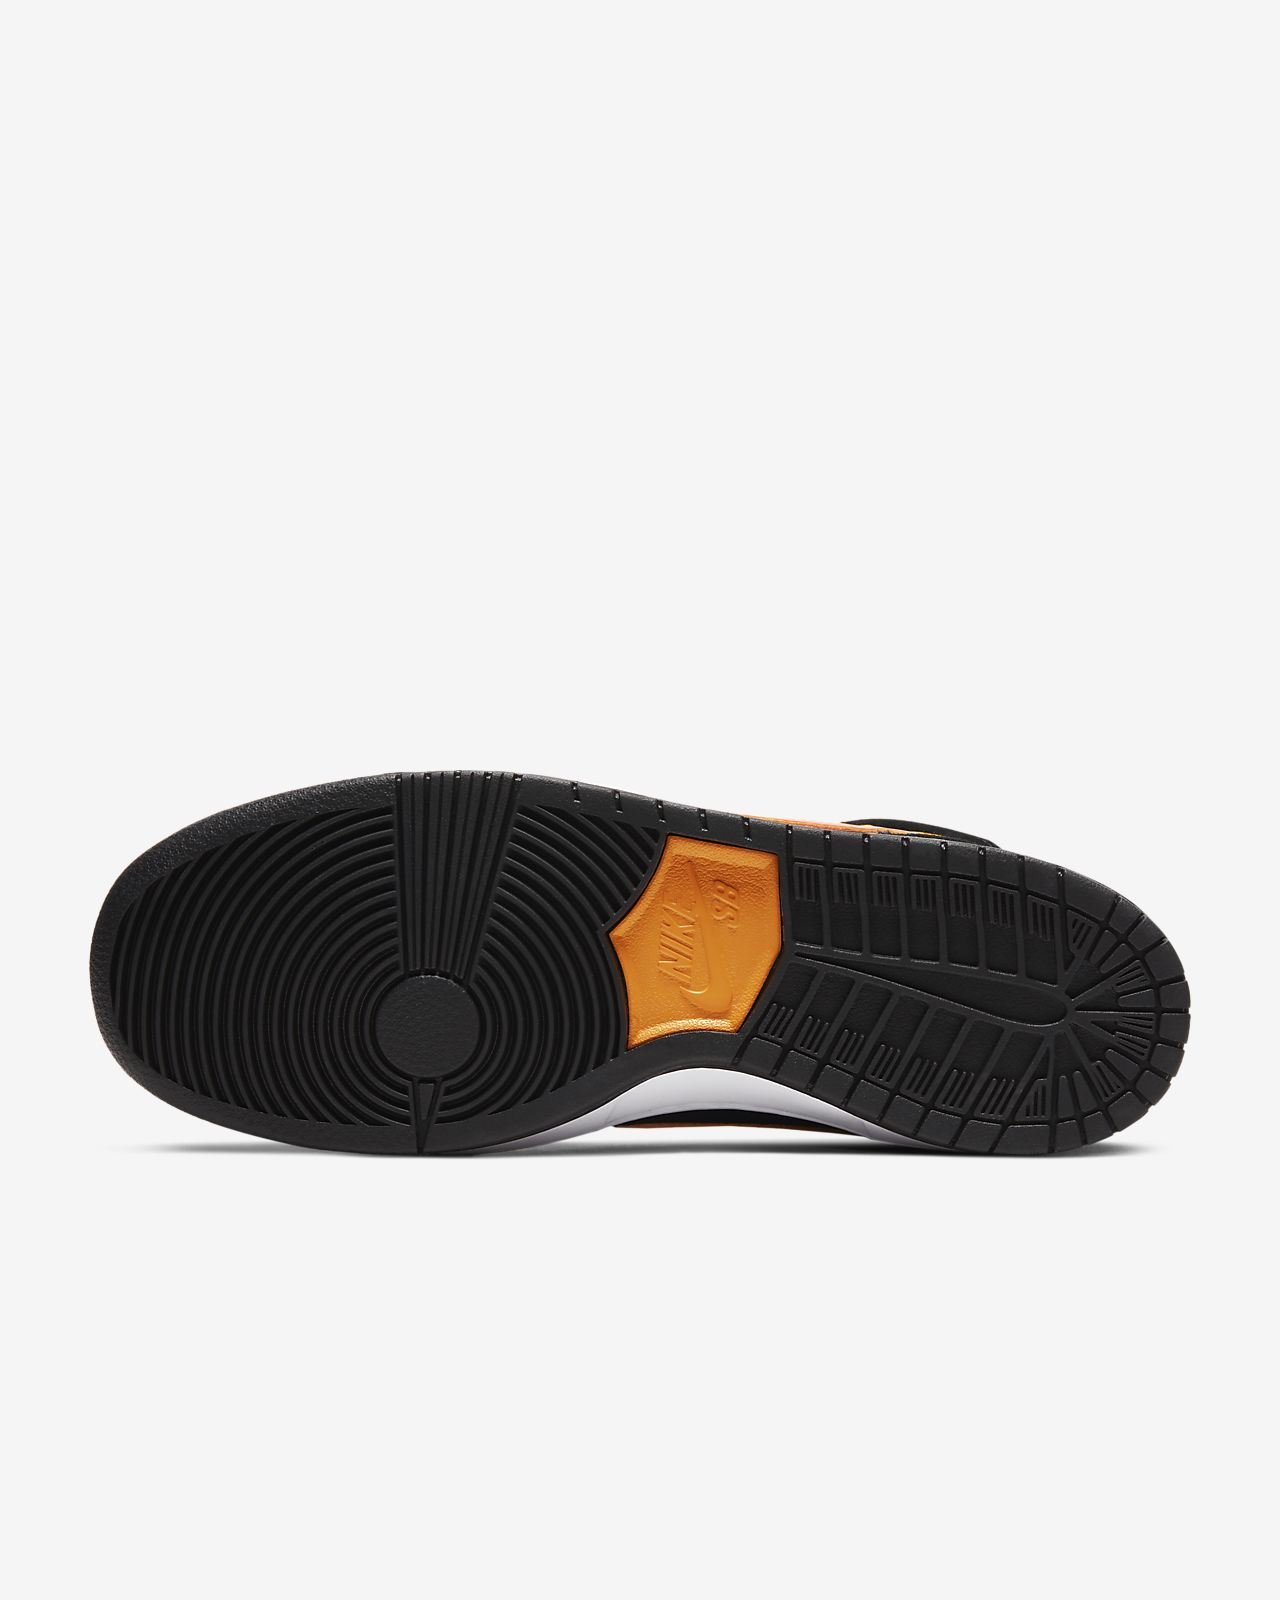 Nike SB Dunk High Pro Men's Skate Shoe